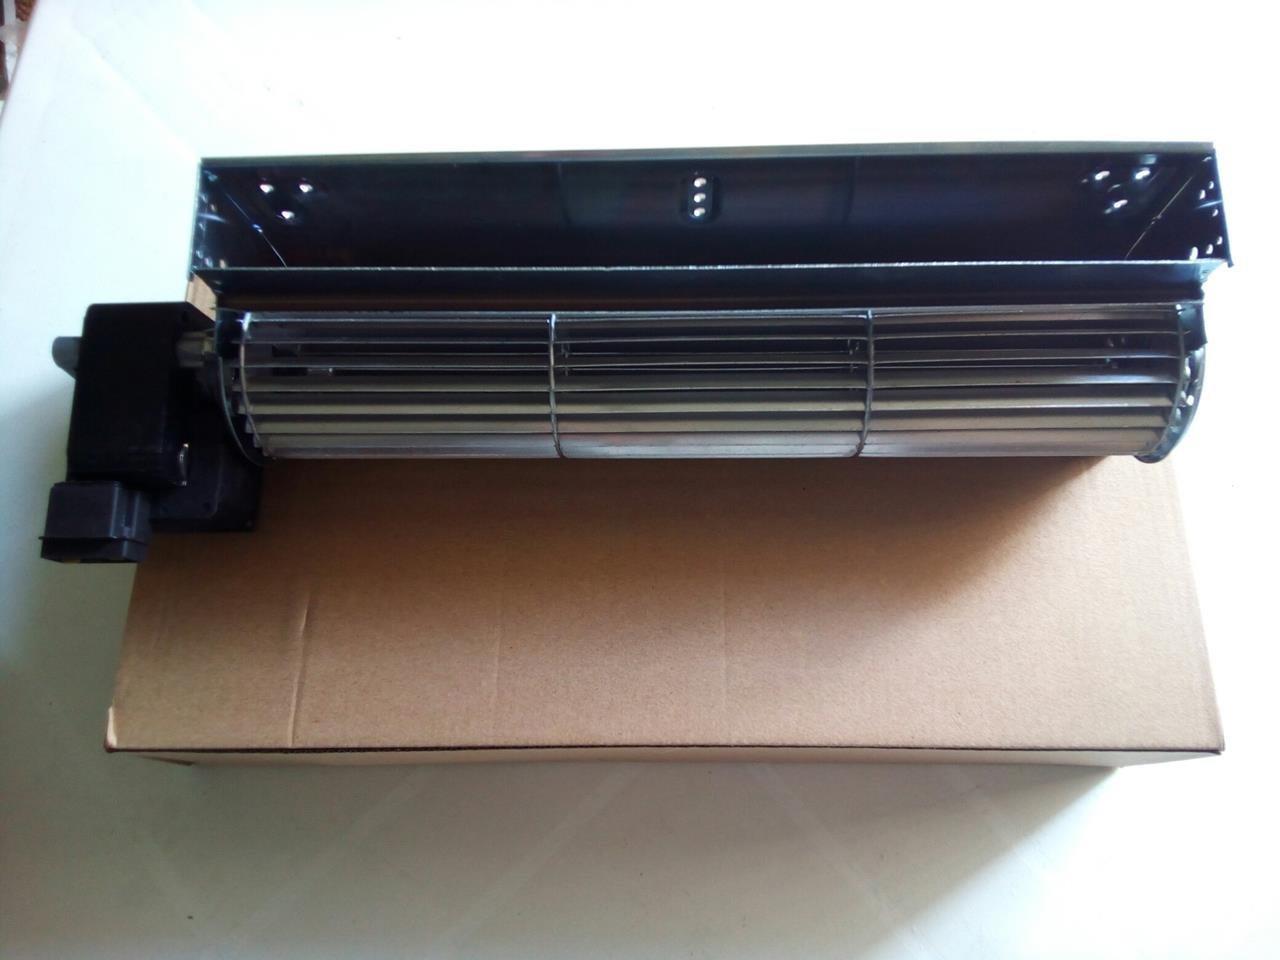 Ventilador tangencial 30 cm motor DX para estufa de la granulación, chimeneas, aparatos, 230 V, 50 Hz: Amazon.es: Hogar